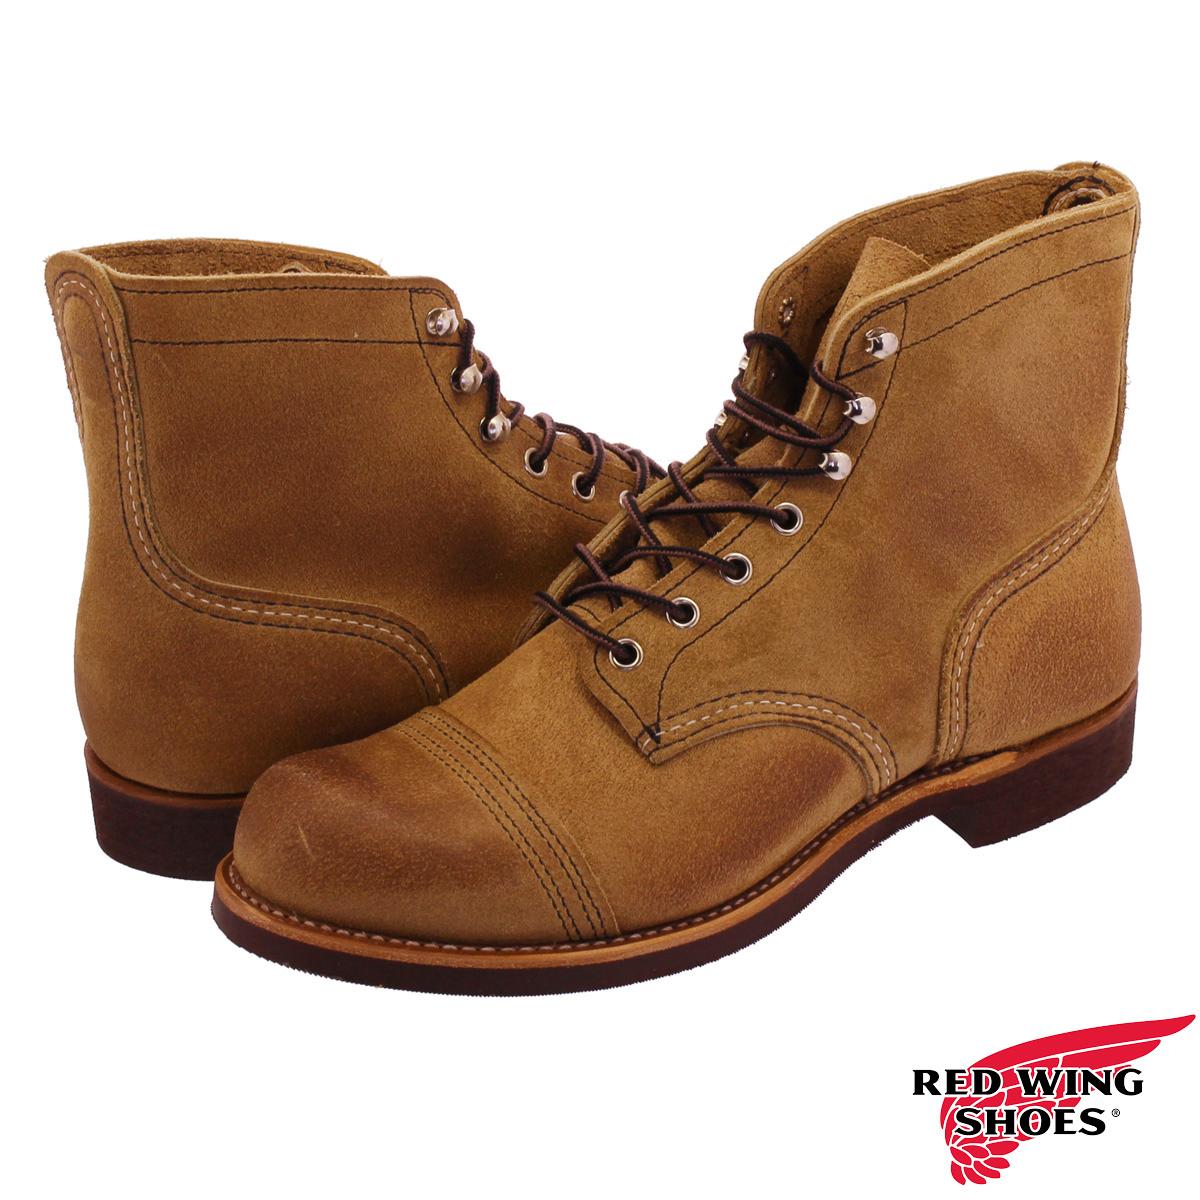 RED WING 6 INCH IRON RANGE BOOT レッドウィング 6 インチ アイアンレンジ ブーツ HAWTHORNE MULESKINNER rw-8083